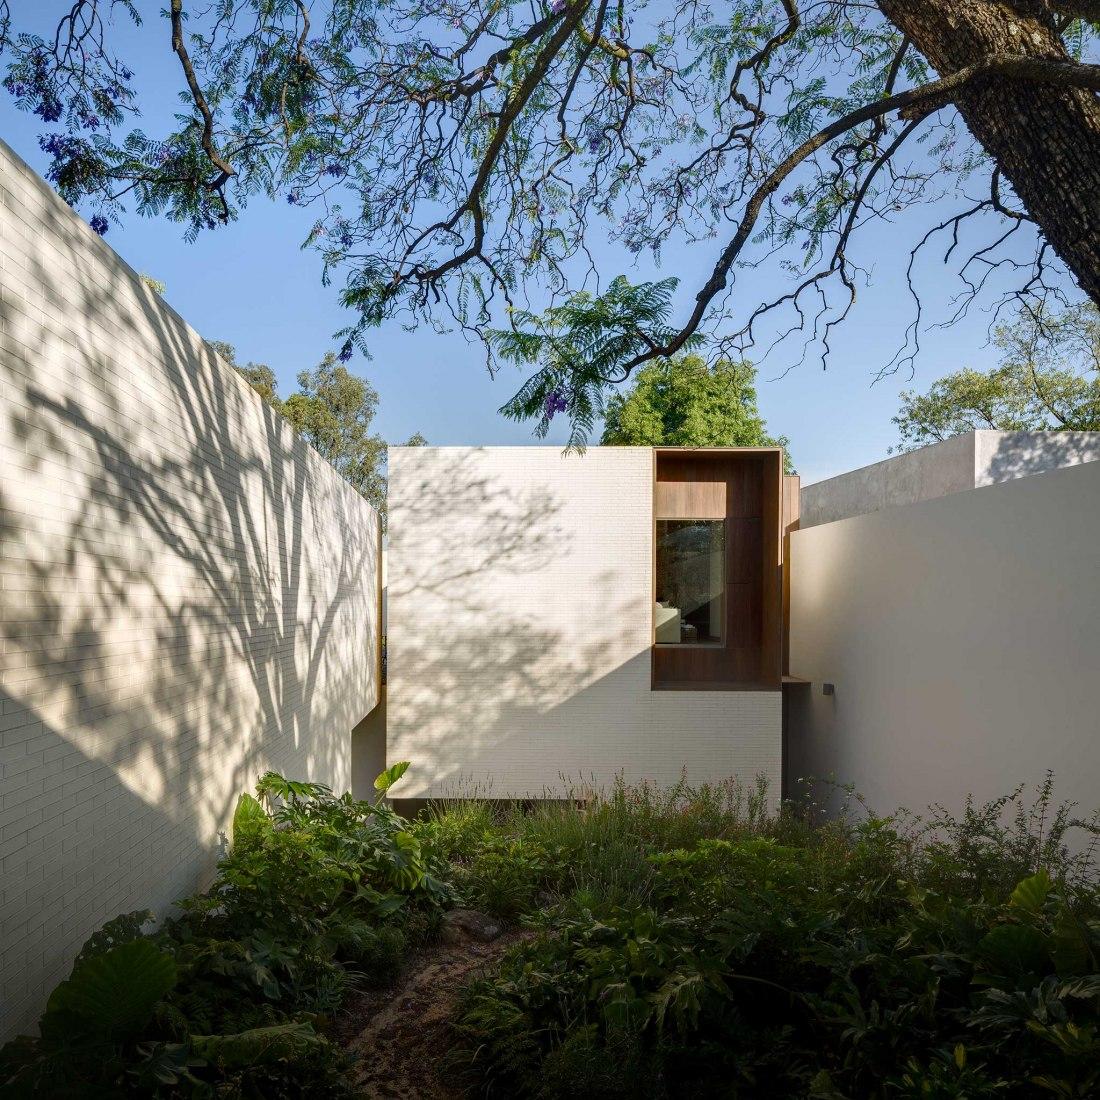 Vivienda en Amatepec por Manuel Cervantes Estudio. Fotografía por Rafael Gamo